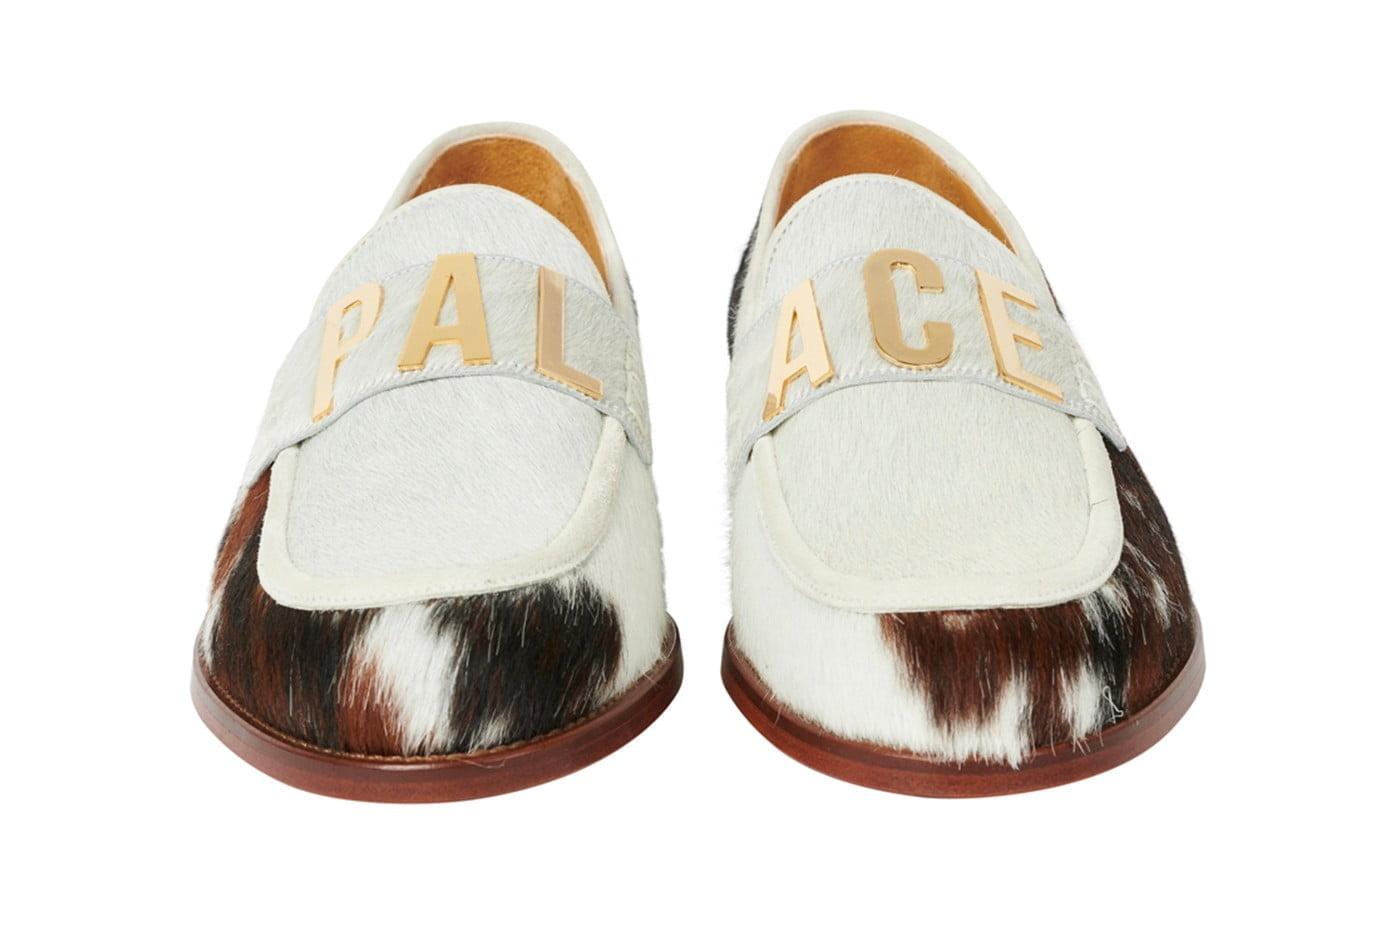 Palace Loafers 03 Palace x Crocs